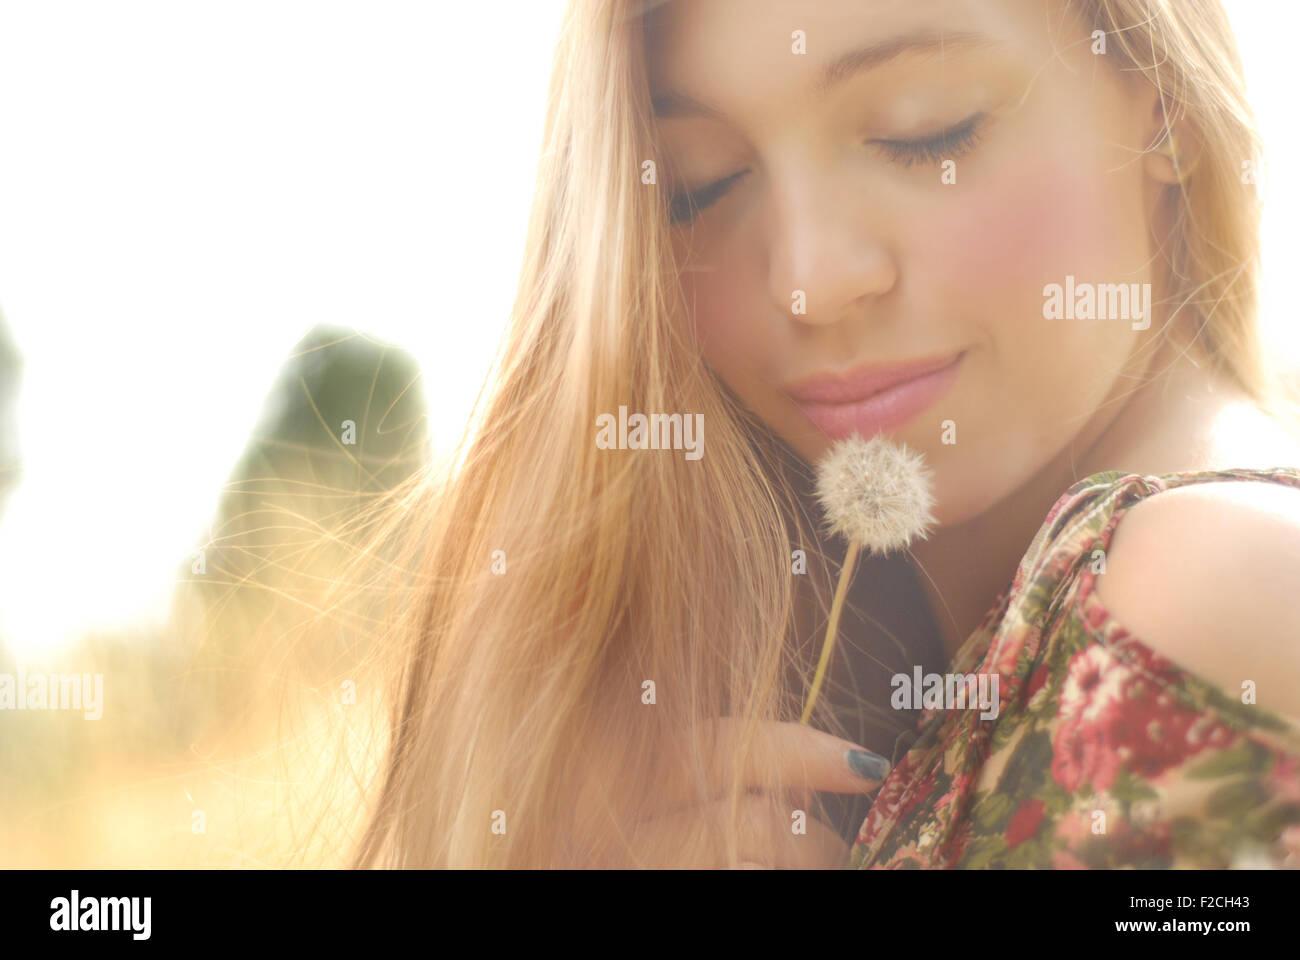 schöne Blondine auf der Außenseite mit Löwenzahn Mädchen mit schöner Haut und Gesicht schöne Stockbild